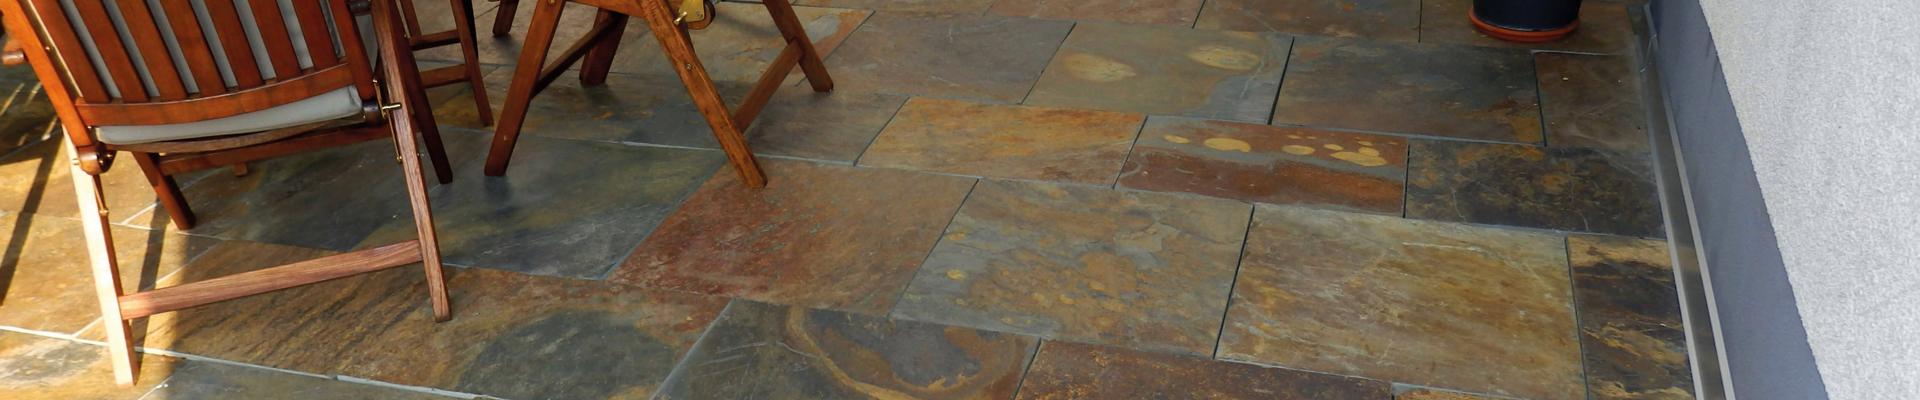 Fliesen aus stein : Schiefer rusty fliesen aus stein